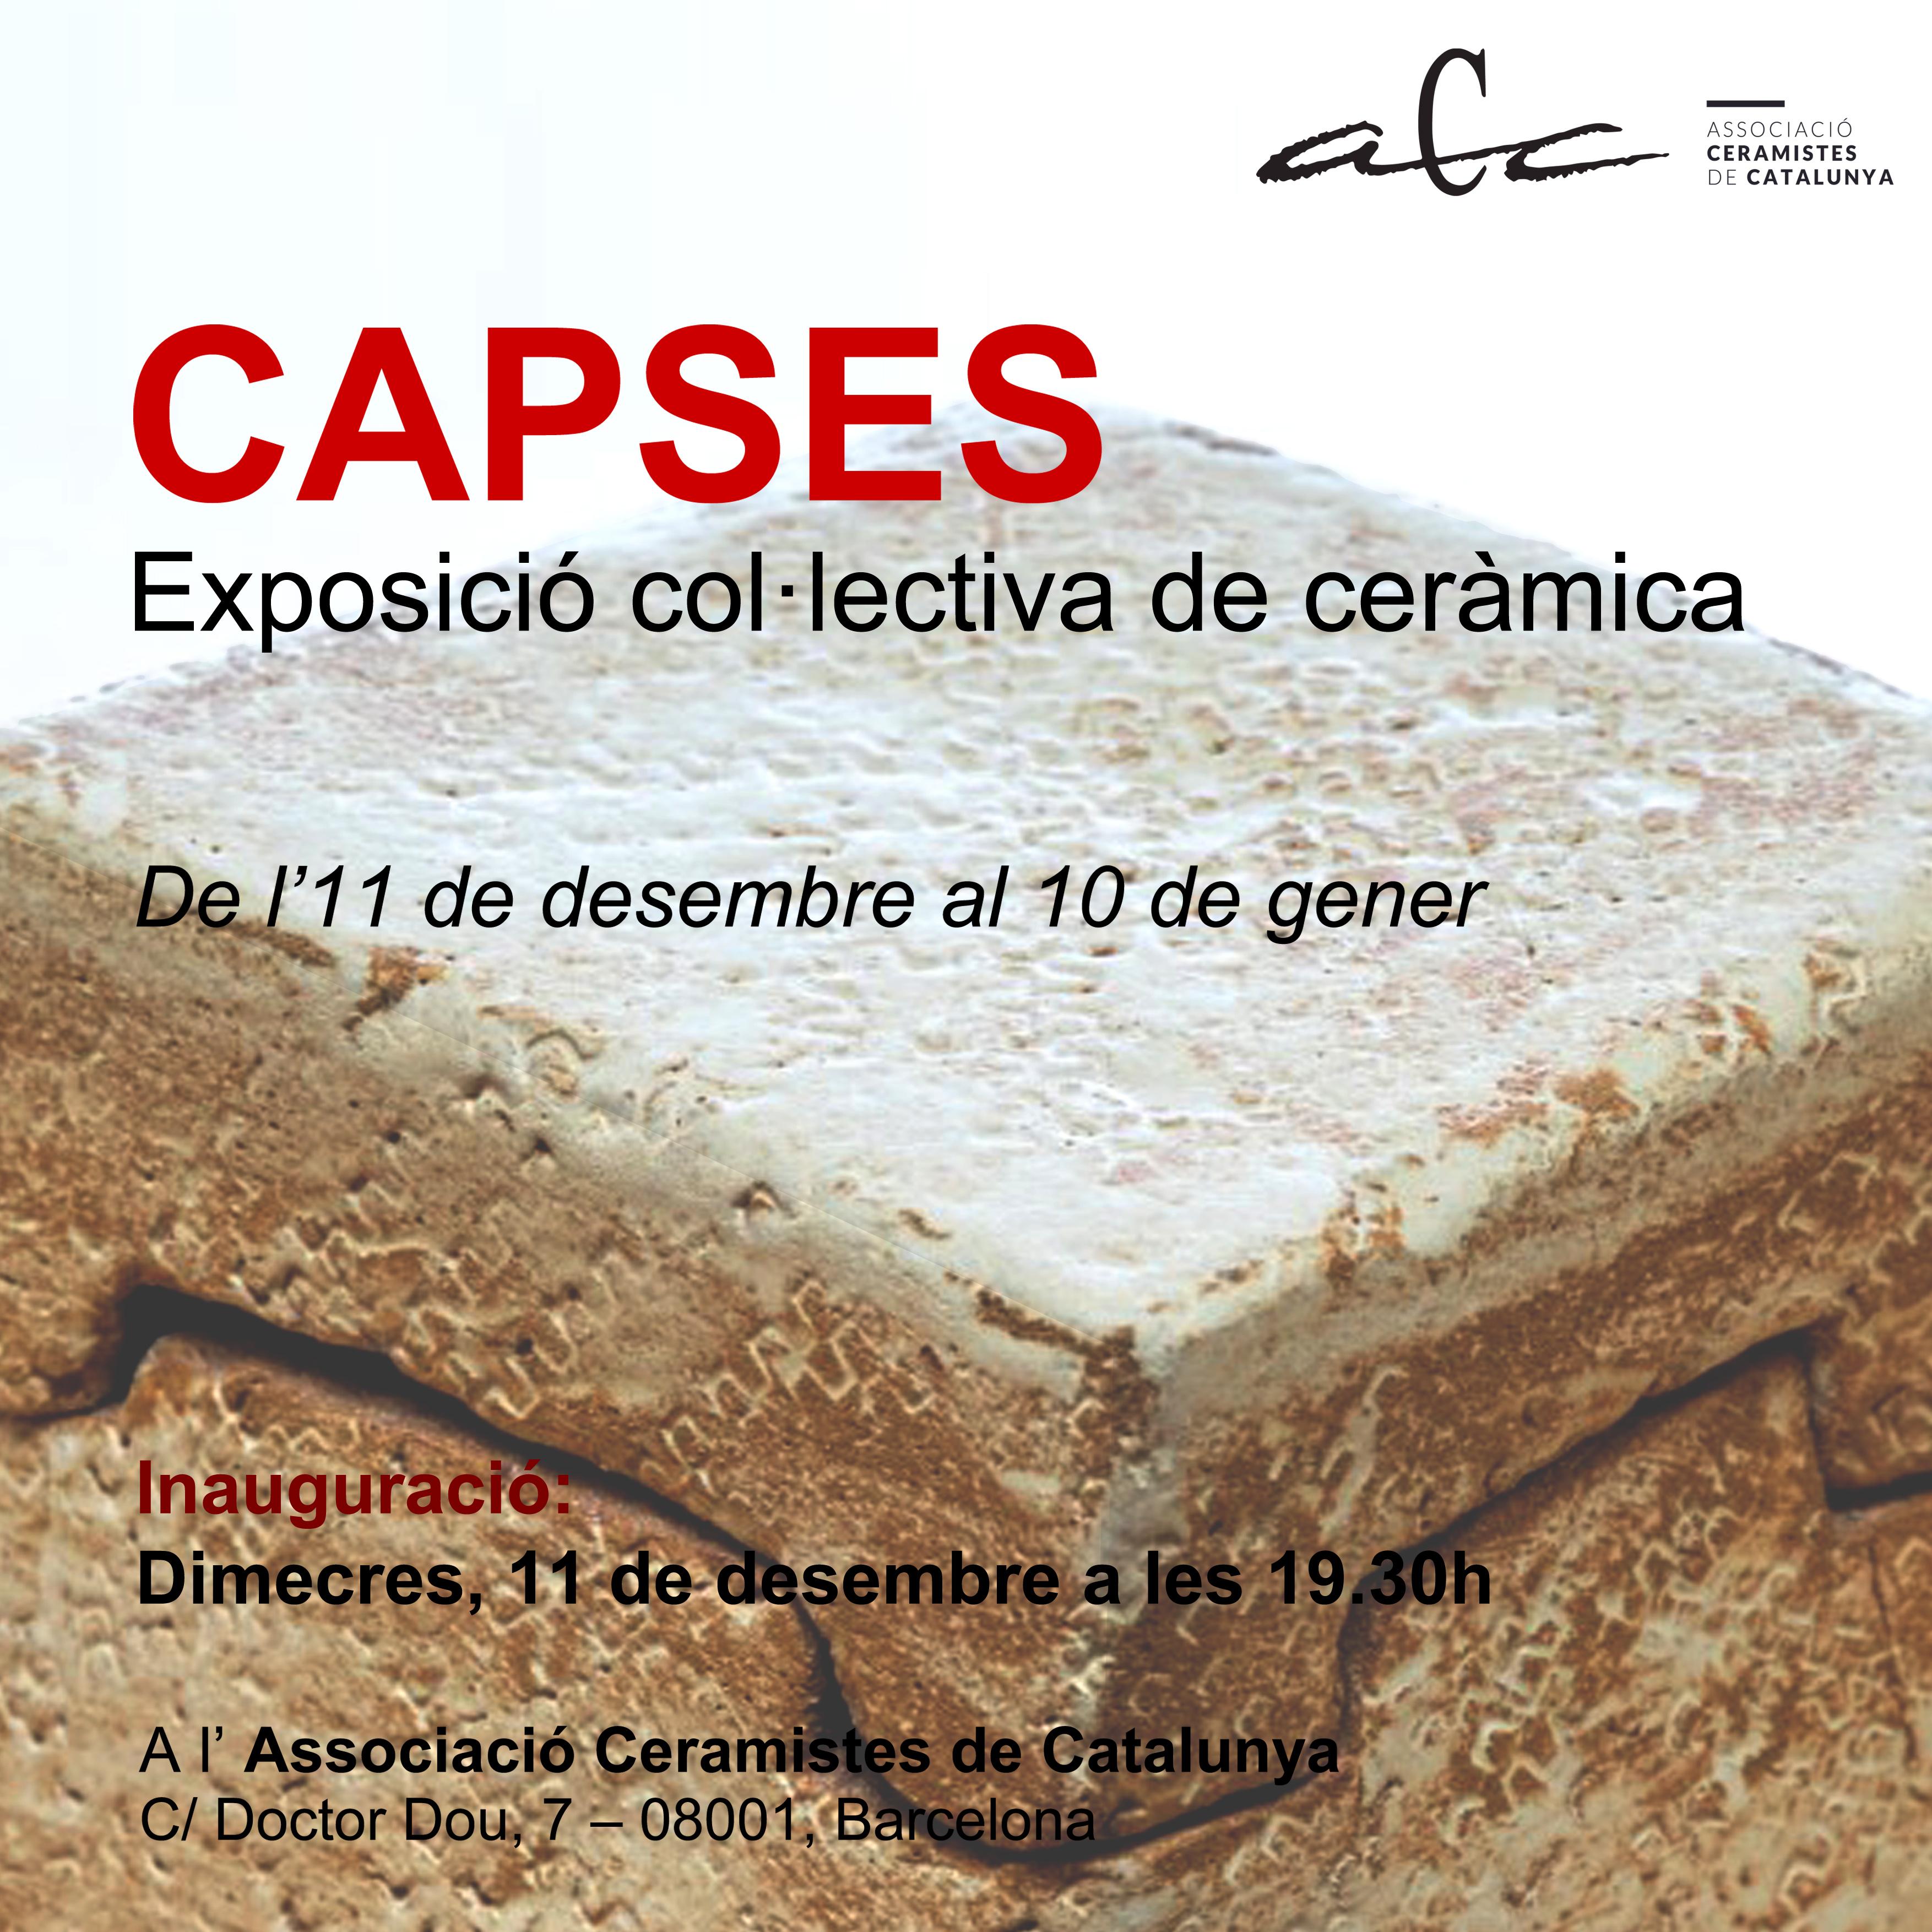 CAPSES